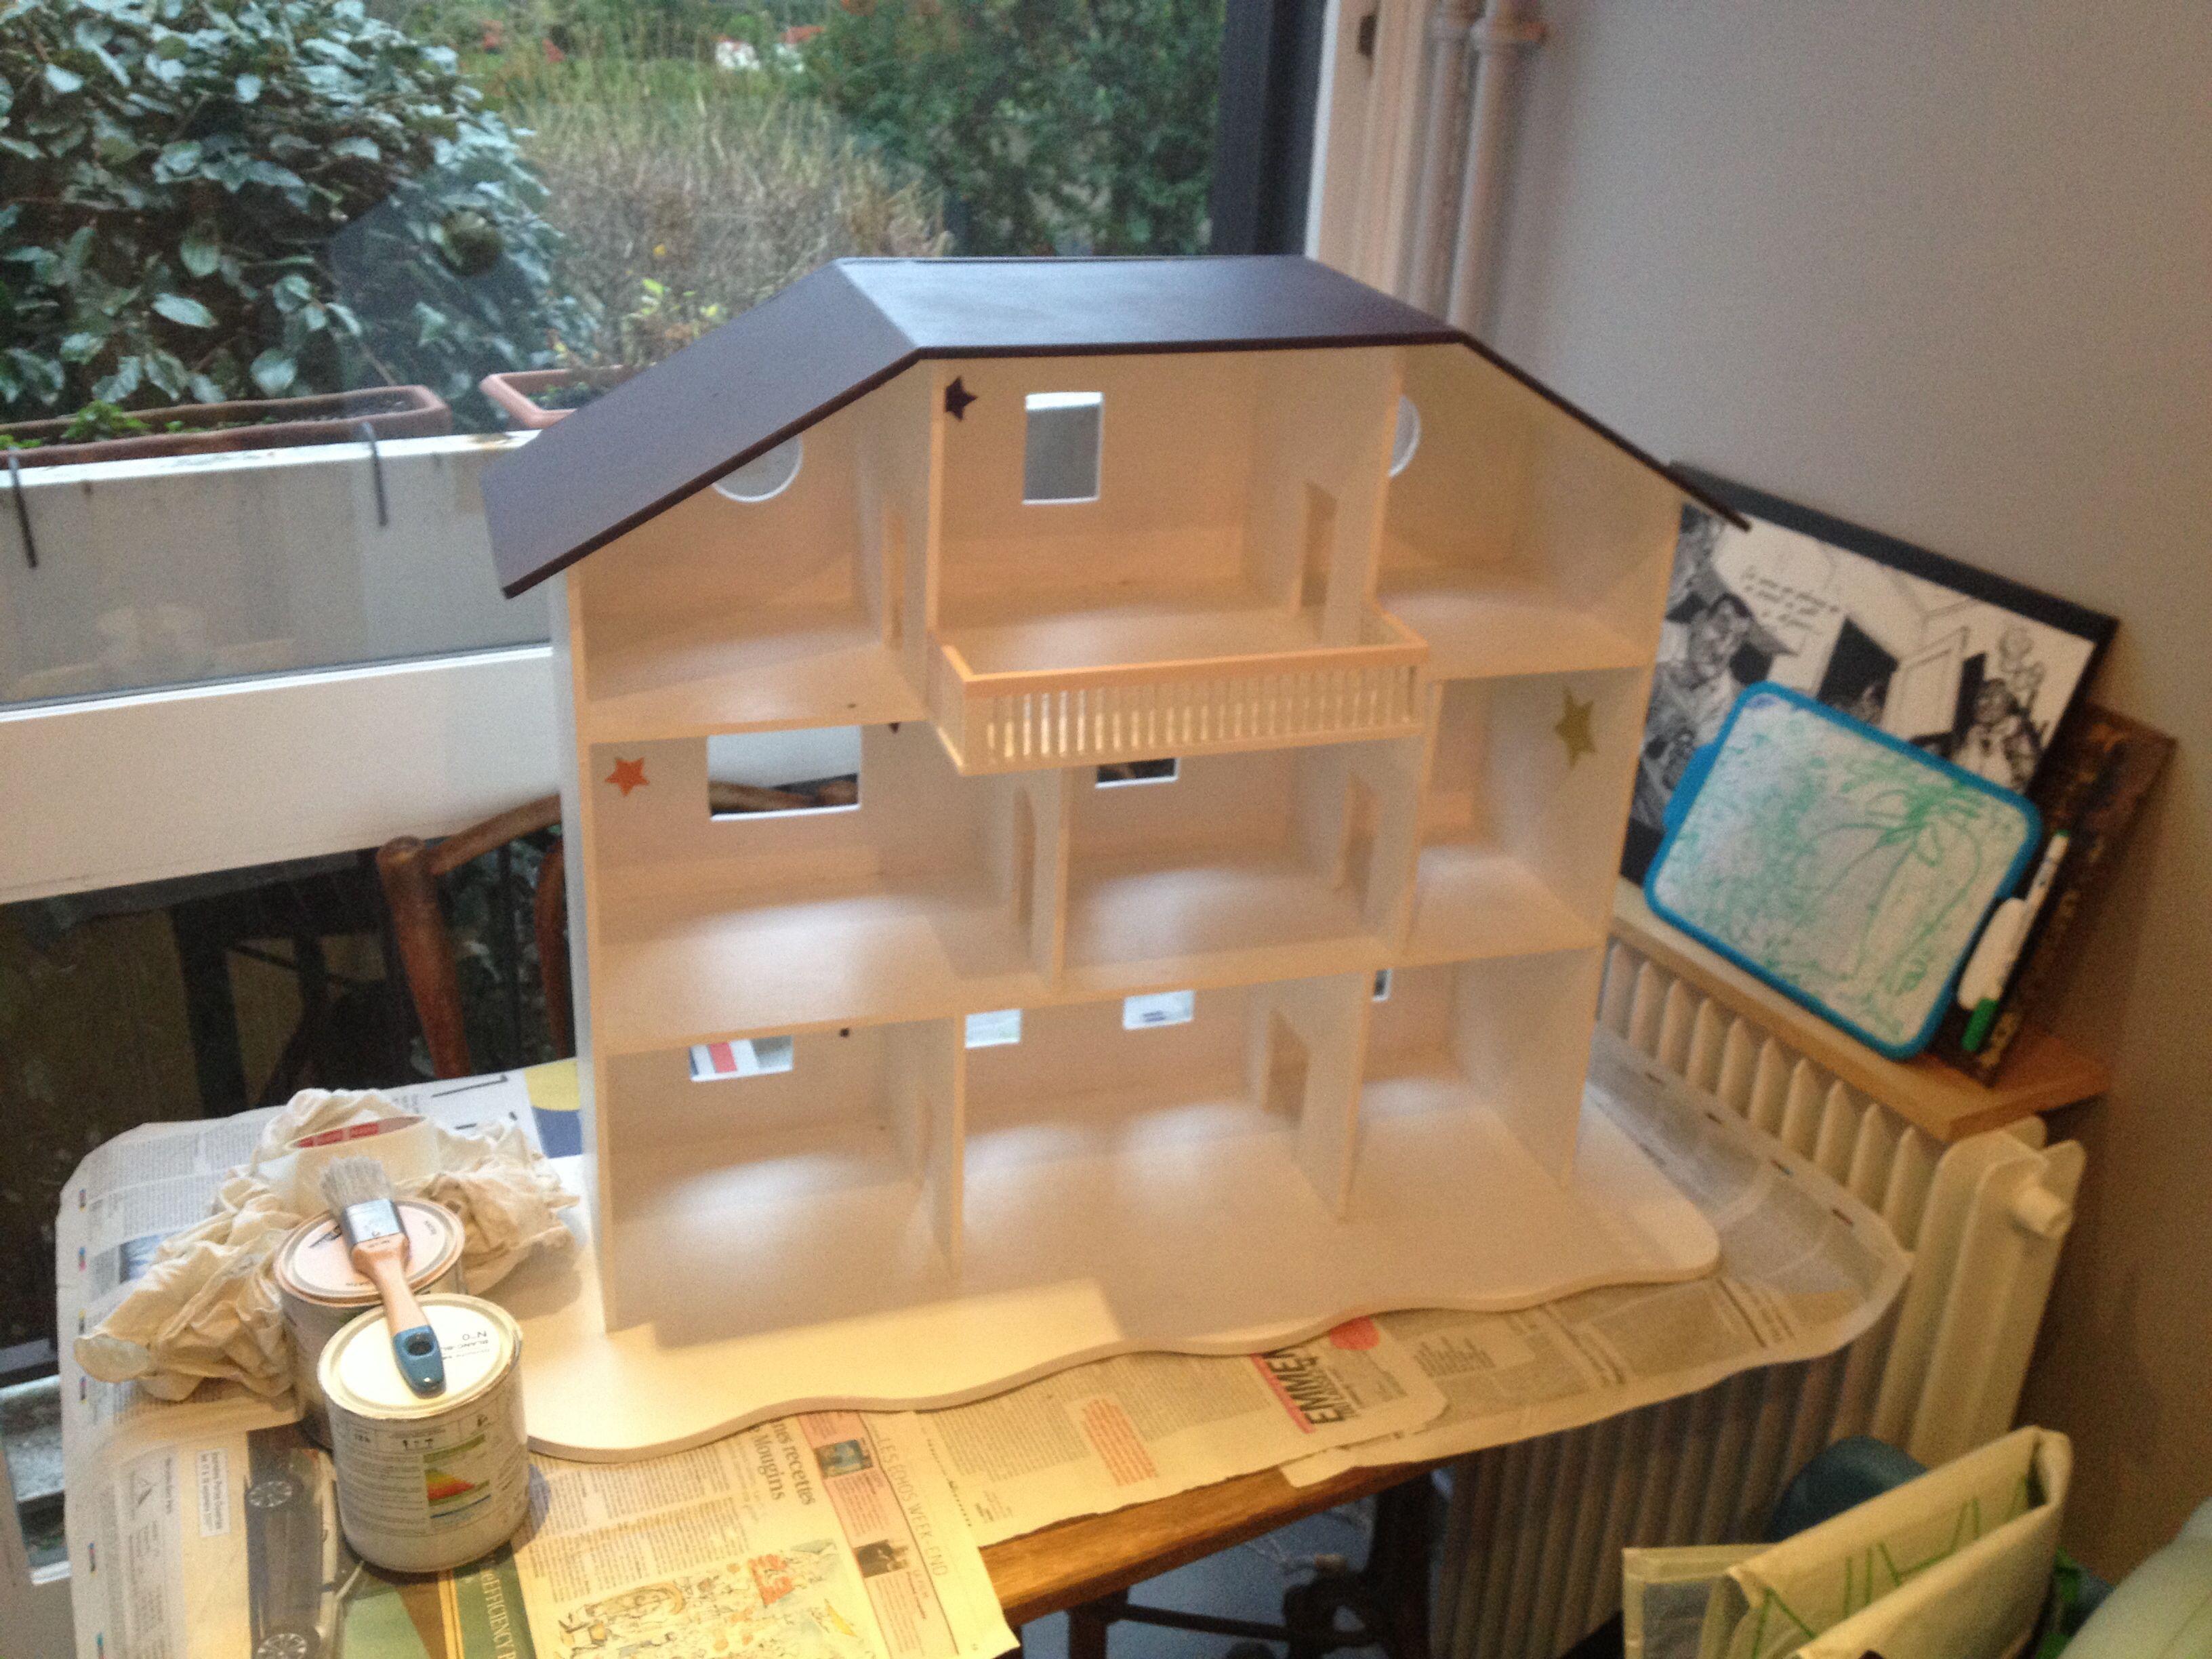 diy maison de playmobil a faire pour ses enfants pinterest maison de playmobil diy maison. Black Bedroom Furniture Sets. Home Design Ideas